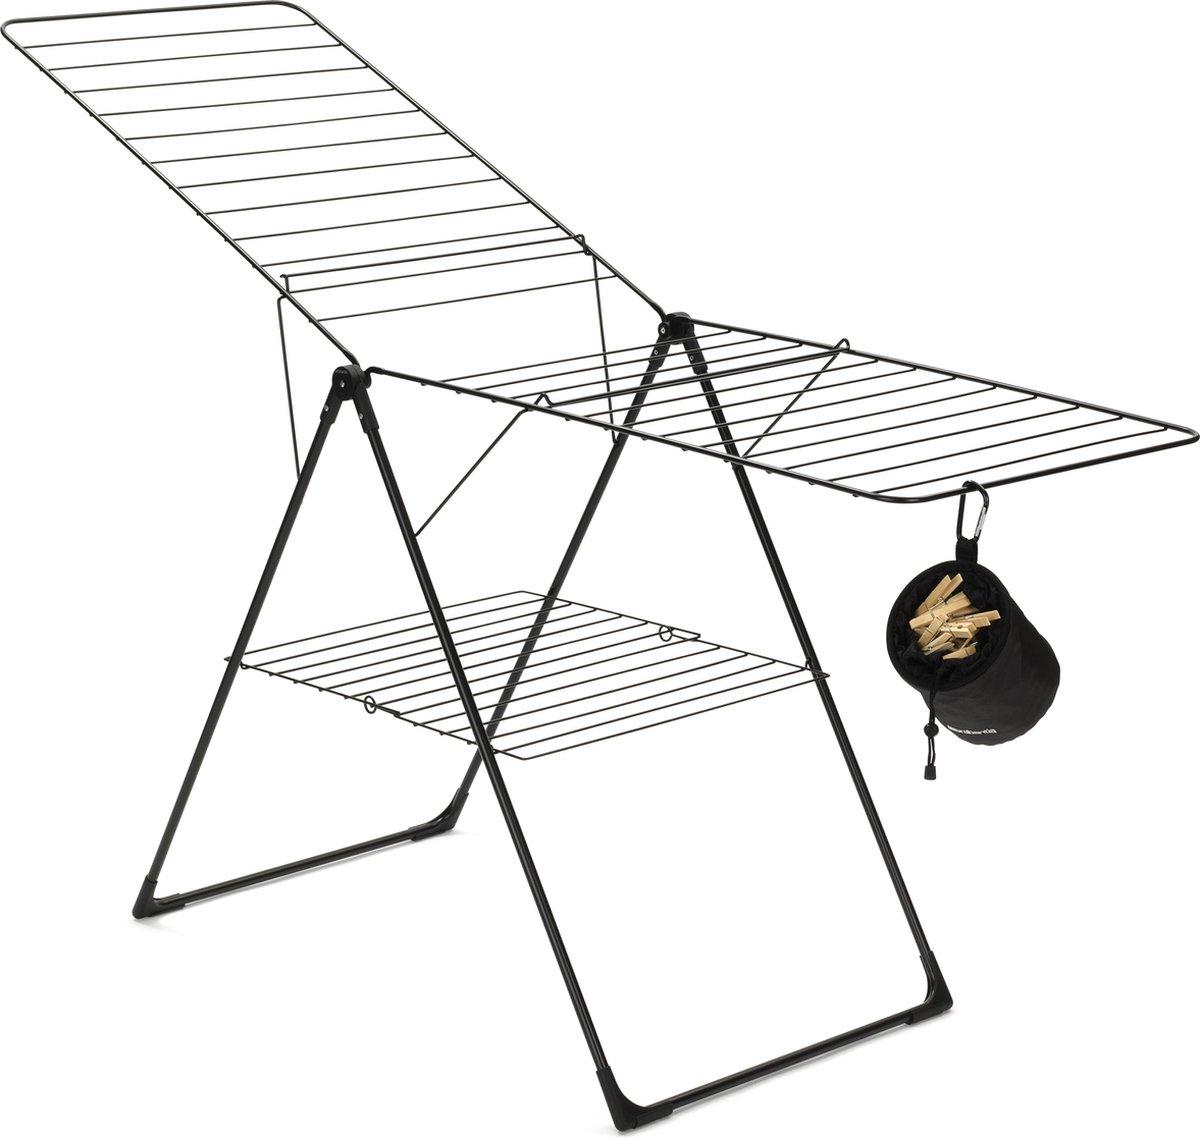 Brabantia Droogrek T model met wasknijpertasje - 20 m - Zwart